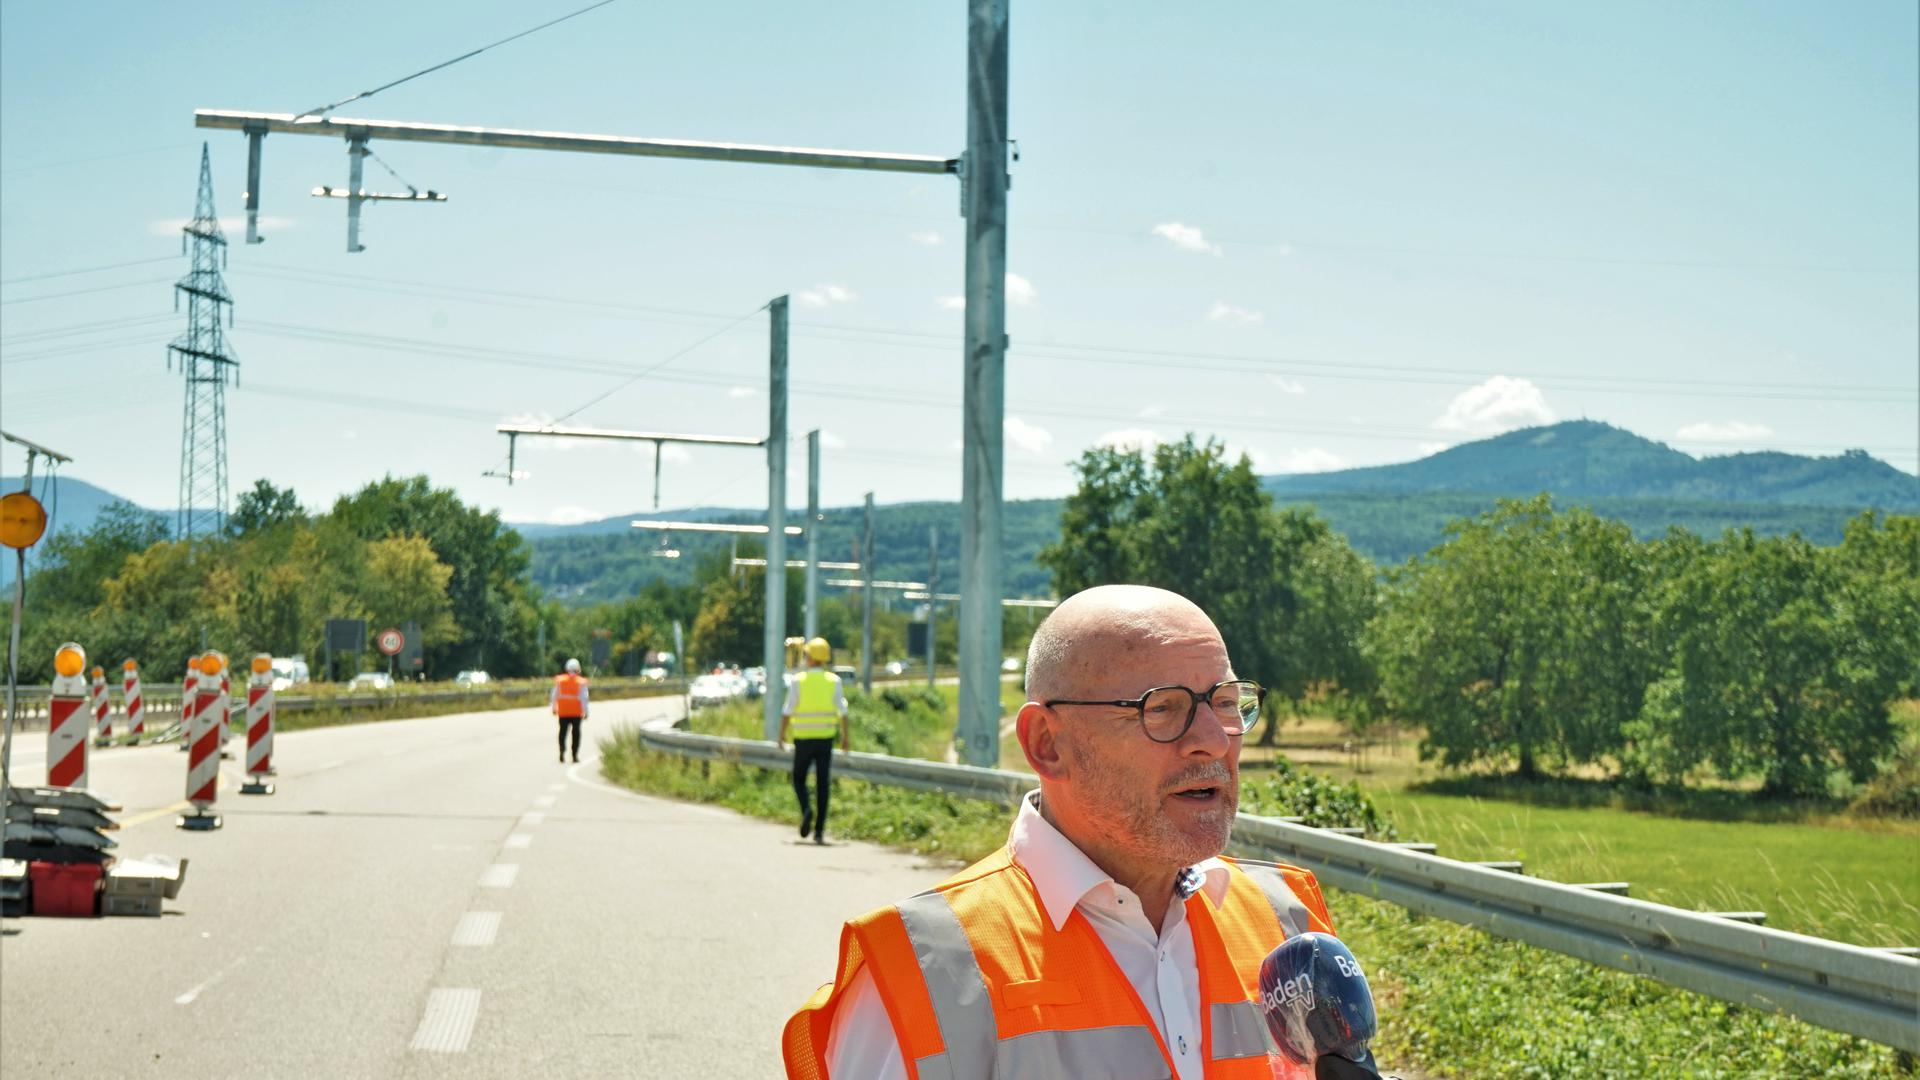 Der baden-württembergische Verkehrsminister Winfried Hermann besucht die Baustelle für das Oberleitungs-Projekt eWayBW im Murgtal.